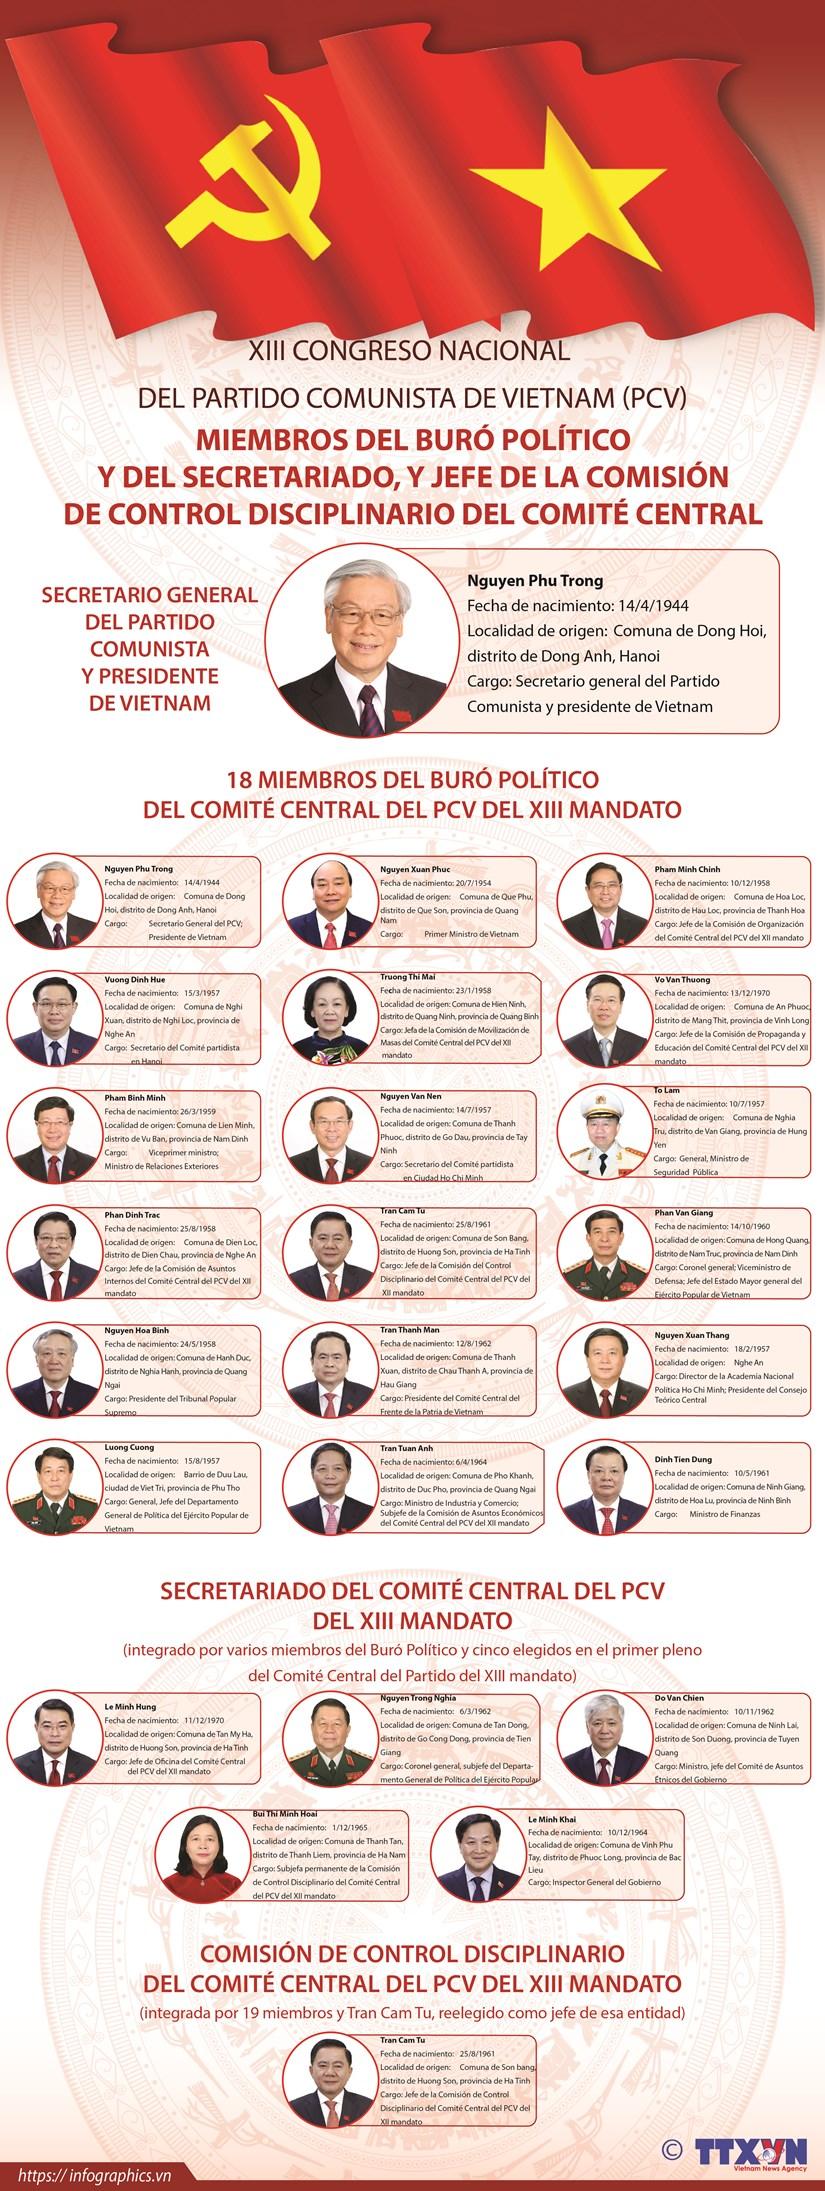 Miembros del Buro Politico y del Secretariado, y Jefe de la Comision de Control Disciplinario del Comite Central del PCV hinh anh 1